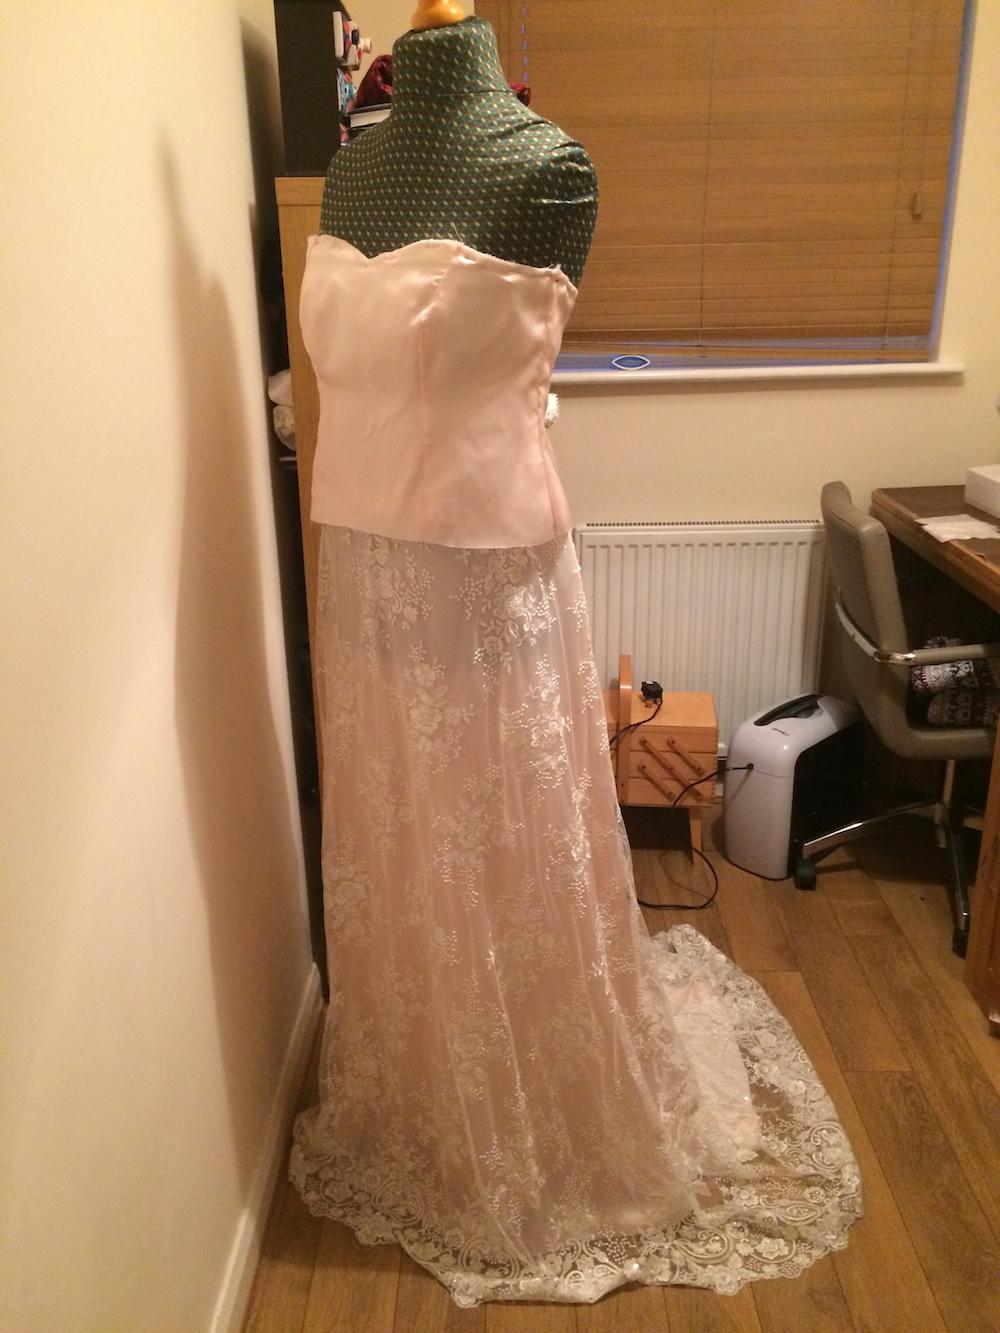 Handmade wedding dress skirt.jpg